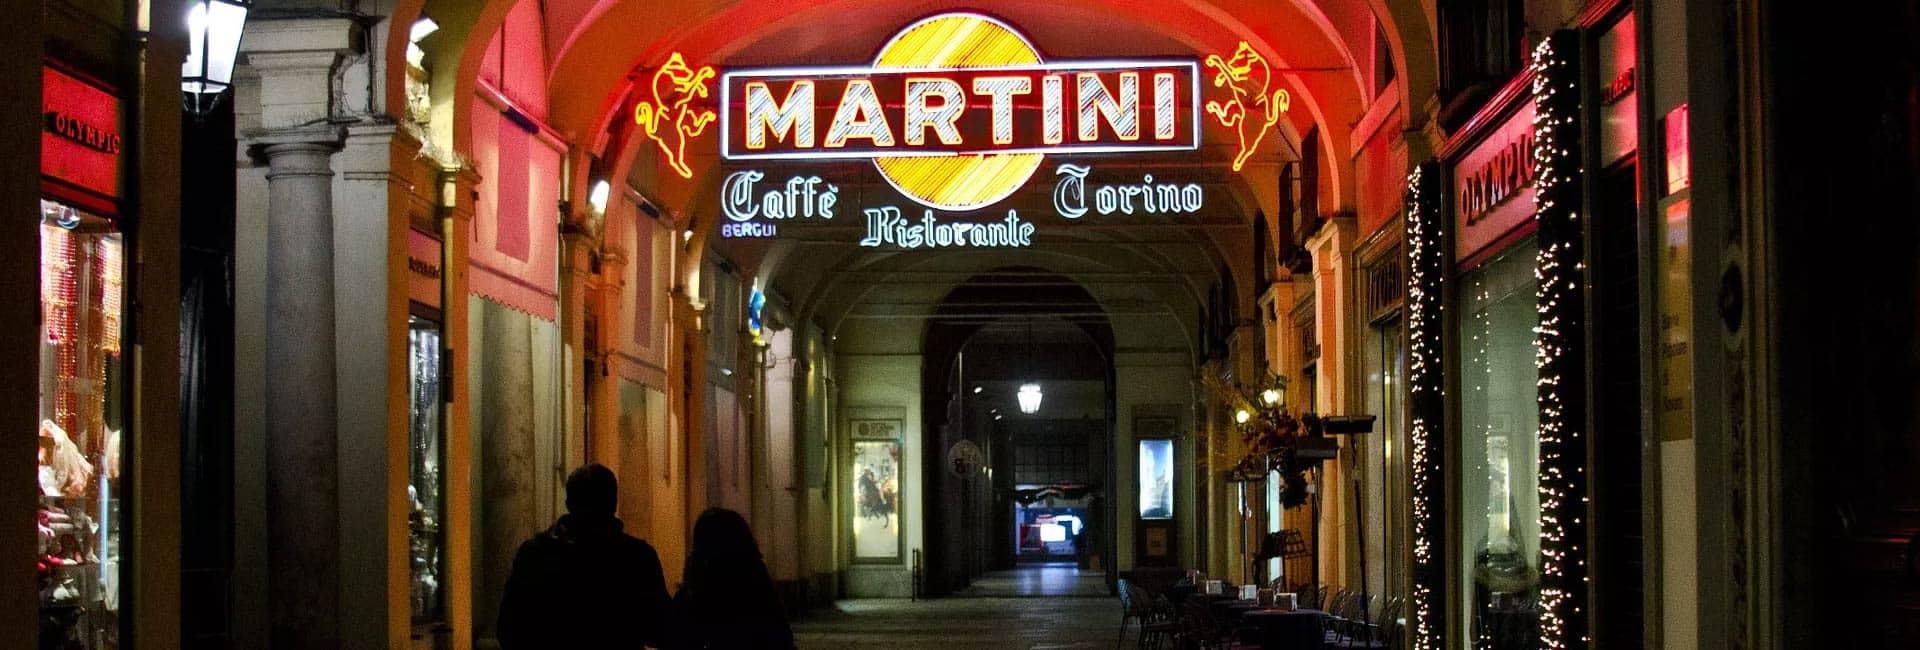 cithouse casa vacanza torino: martini insegna